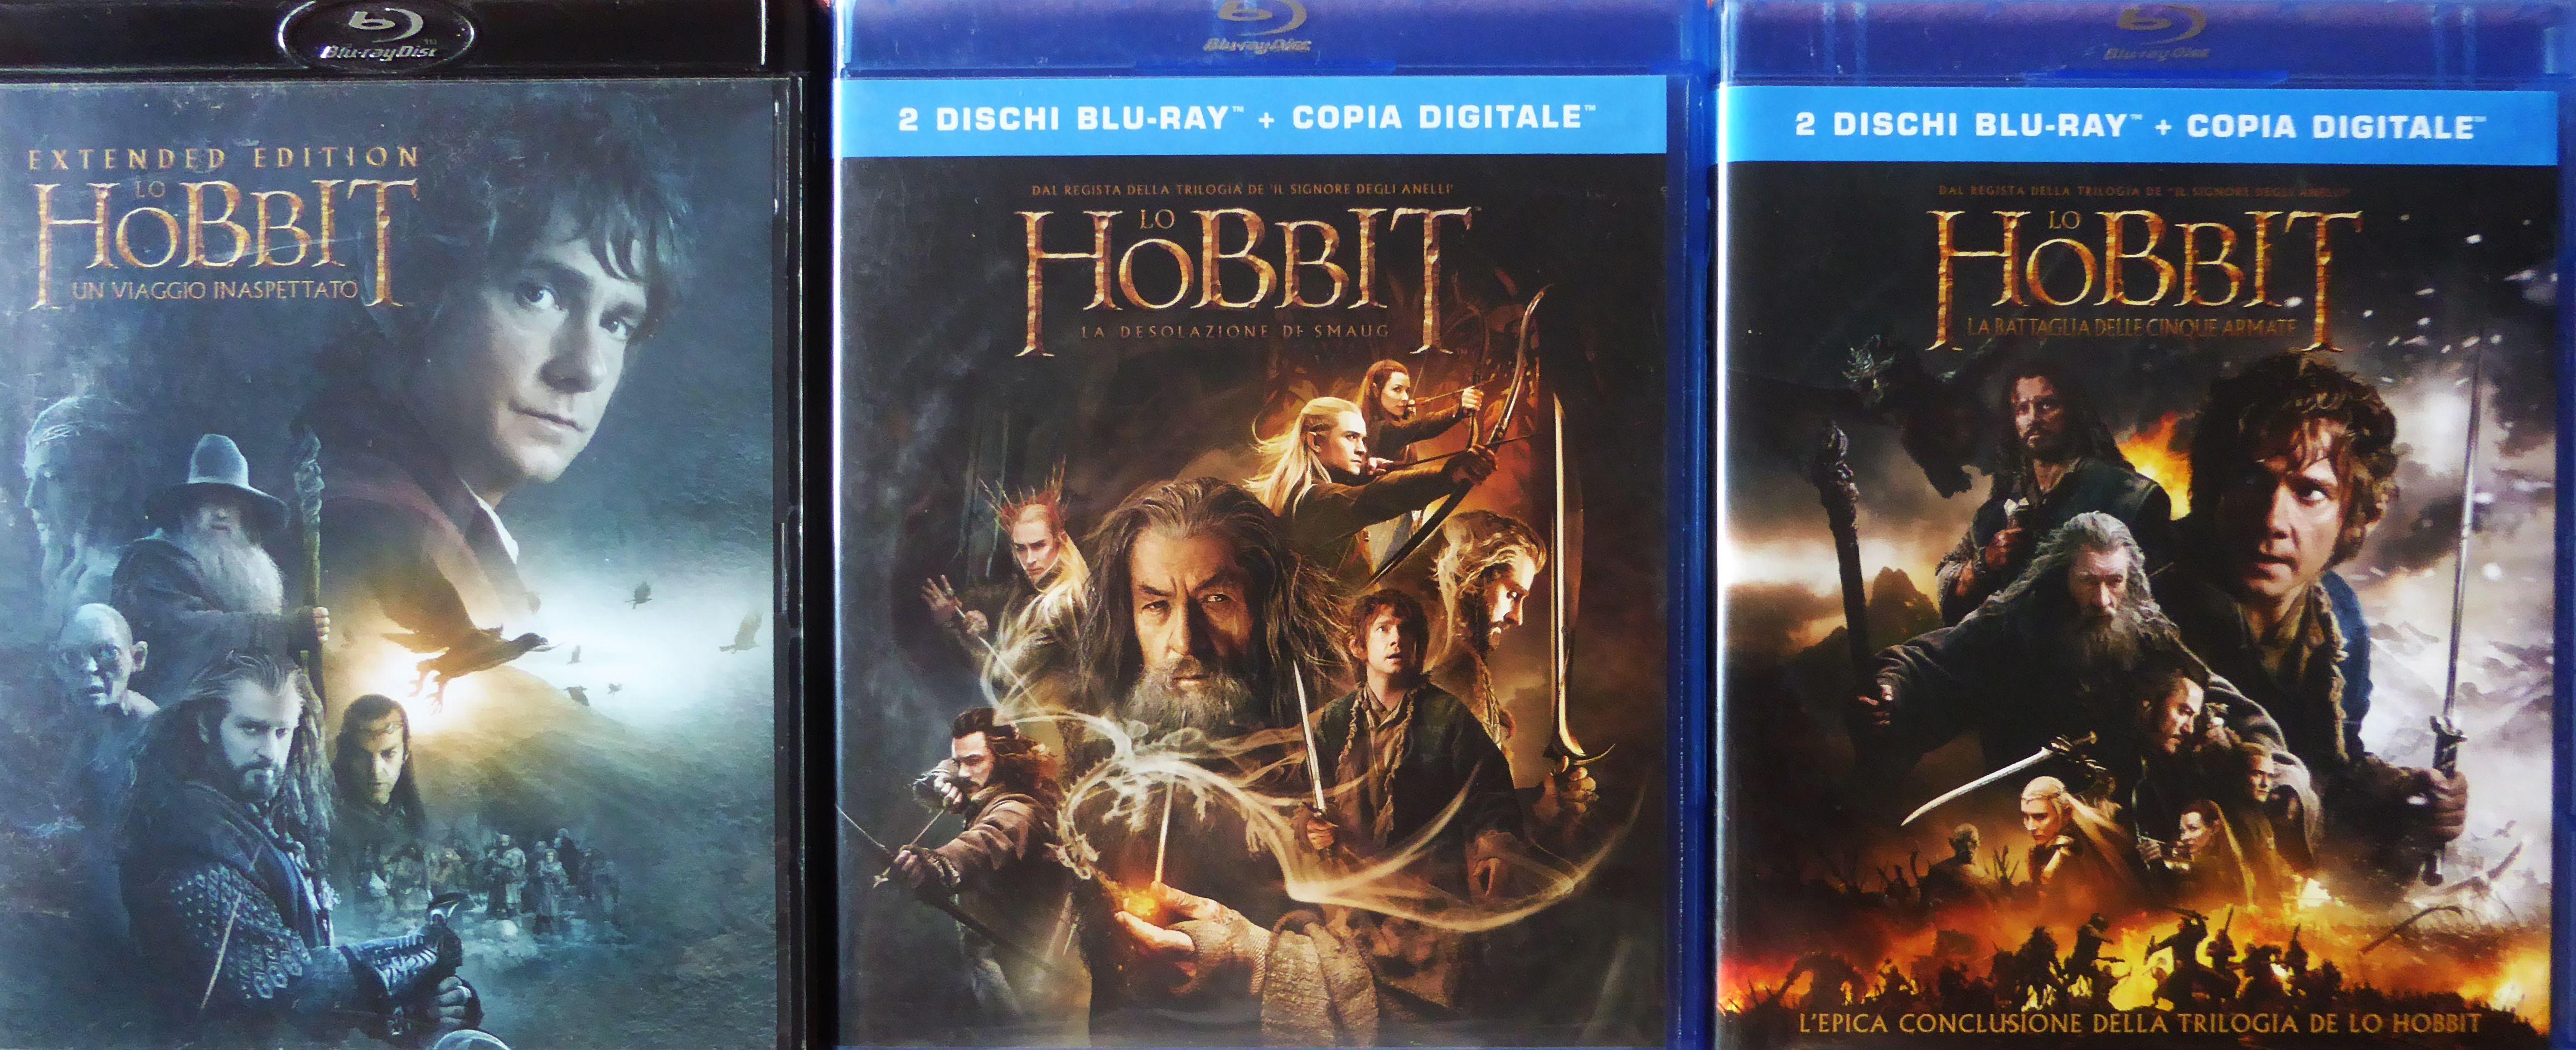 THE HOBBIT TRILOGY | Locandine di film, Film, Lo hobbit